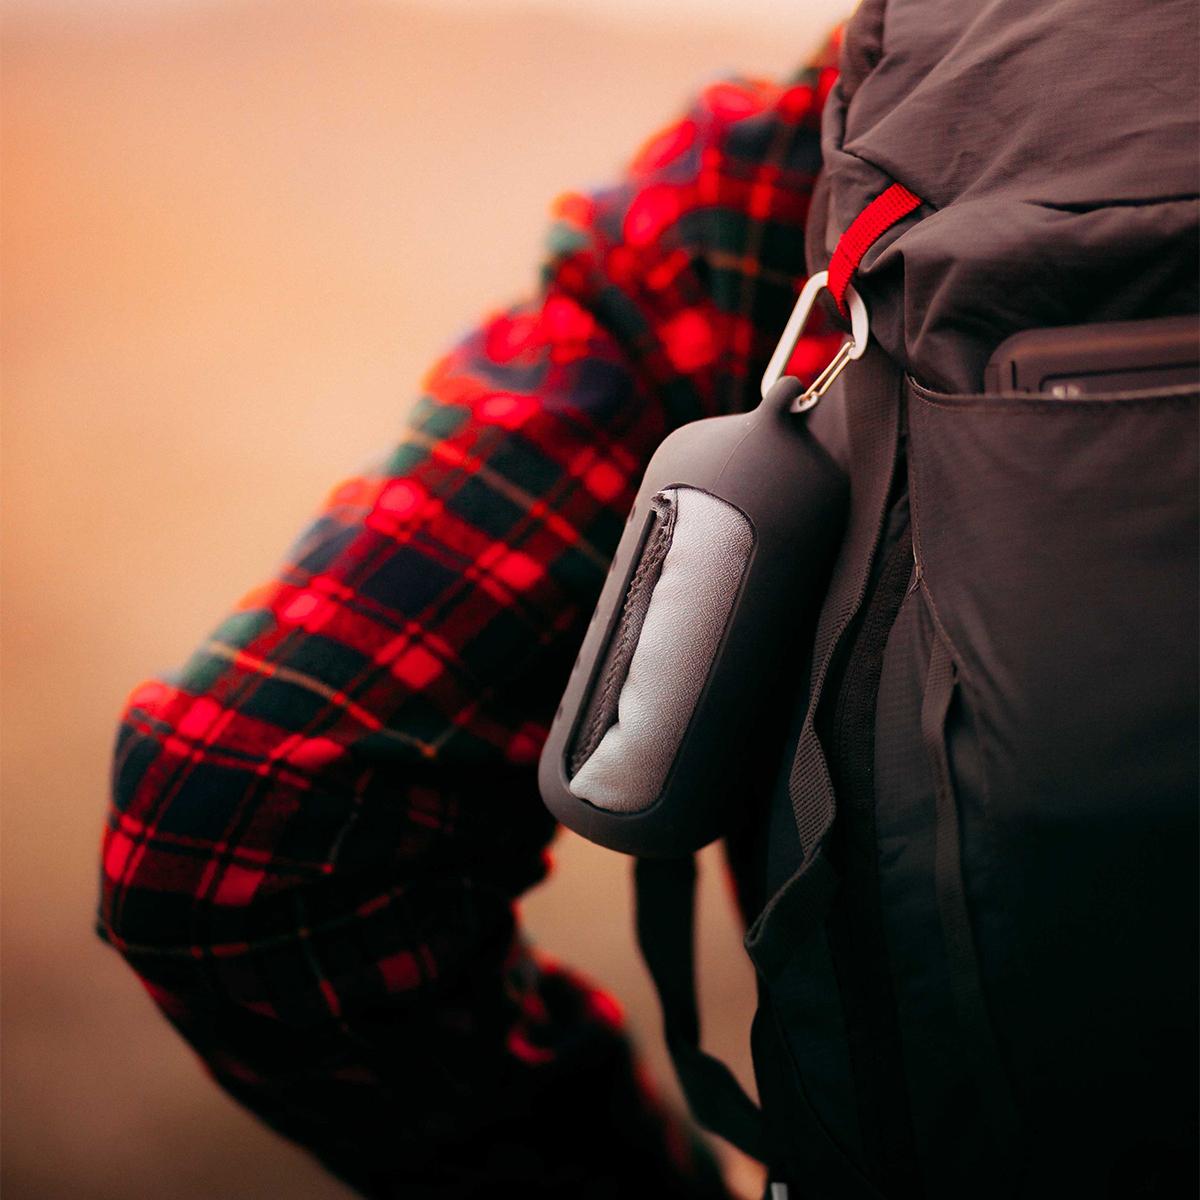 旅をアクティブにするパッカブルアイテム。小さくたためて、ビーチやジムでもっと身軽になれる「ナノドライタオル」 | Matador NanoDry Shower Towel